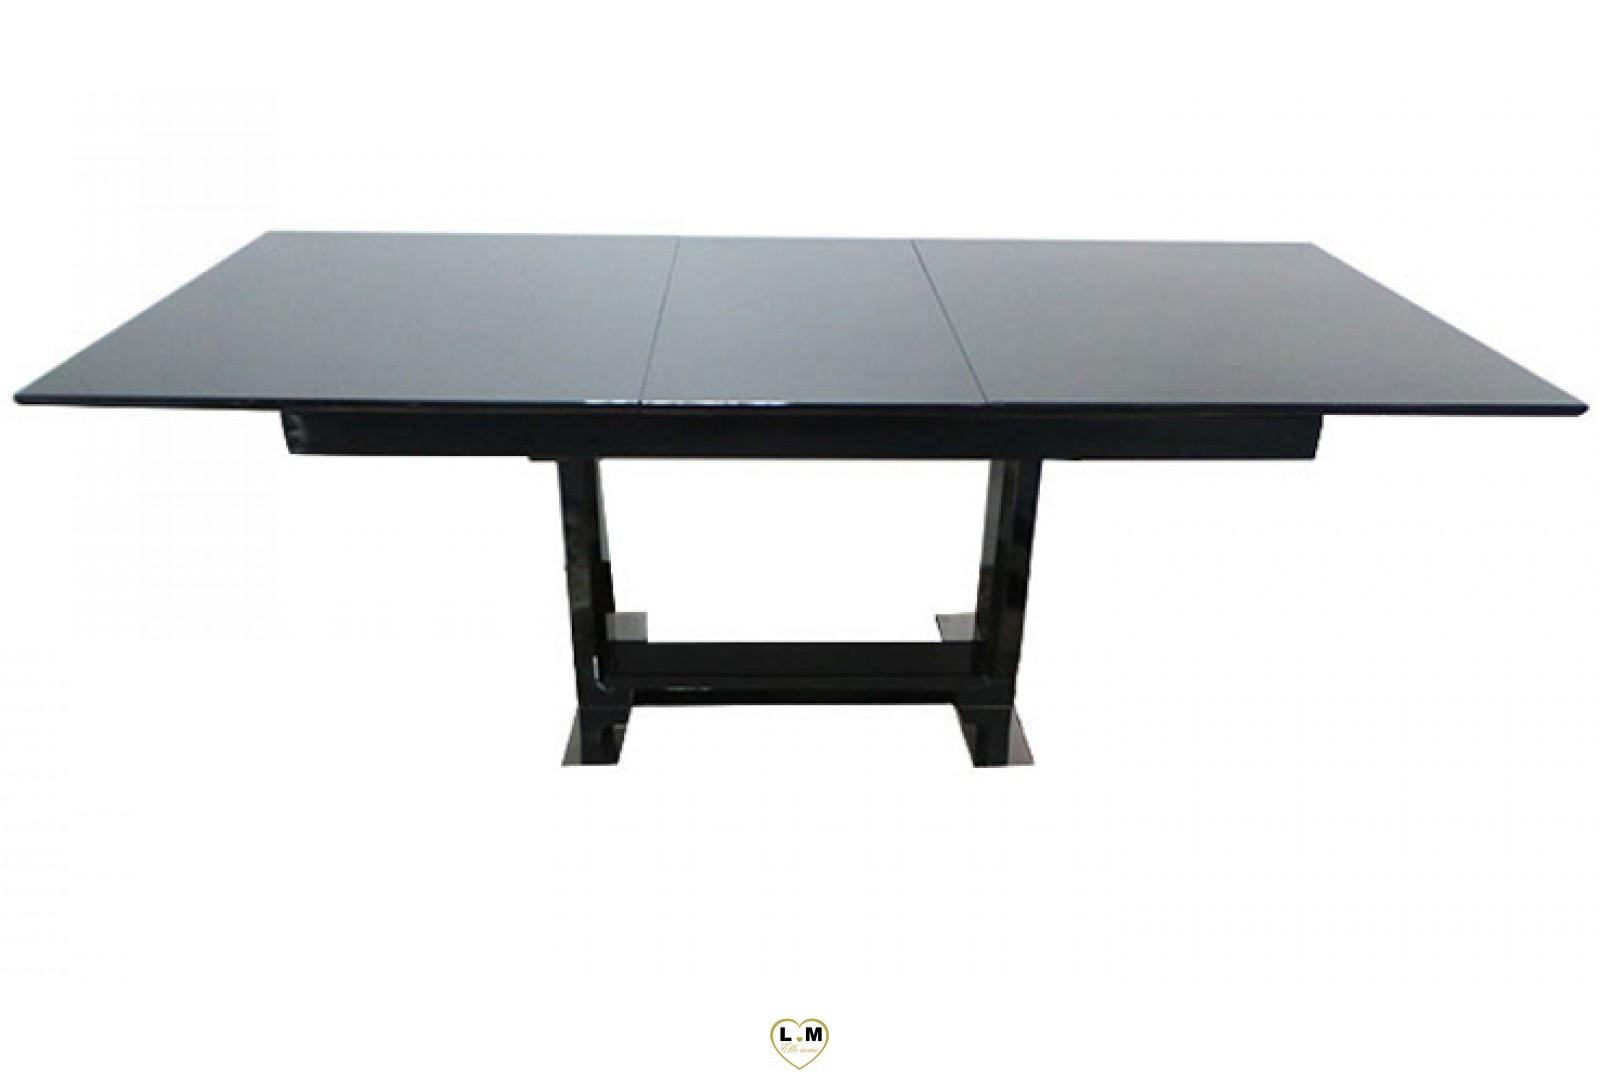 Table salle a manger noir maison design for Table salle manger kijiji